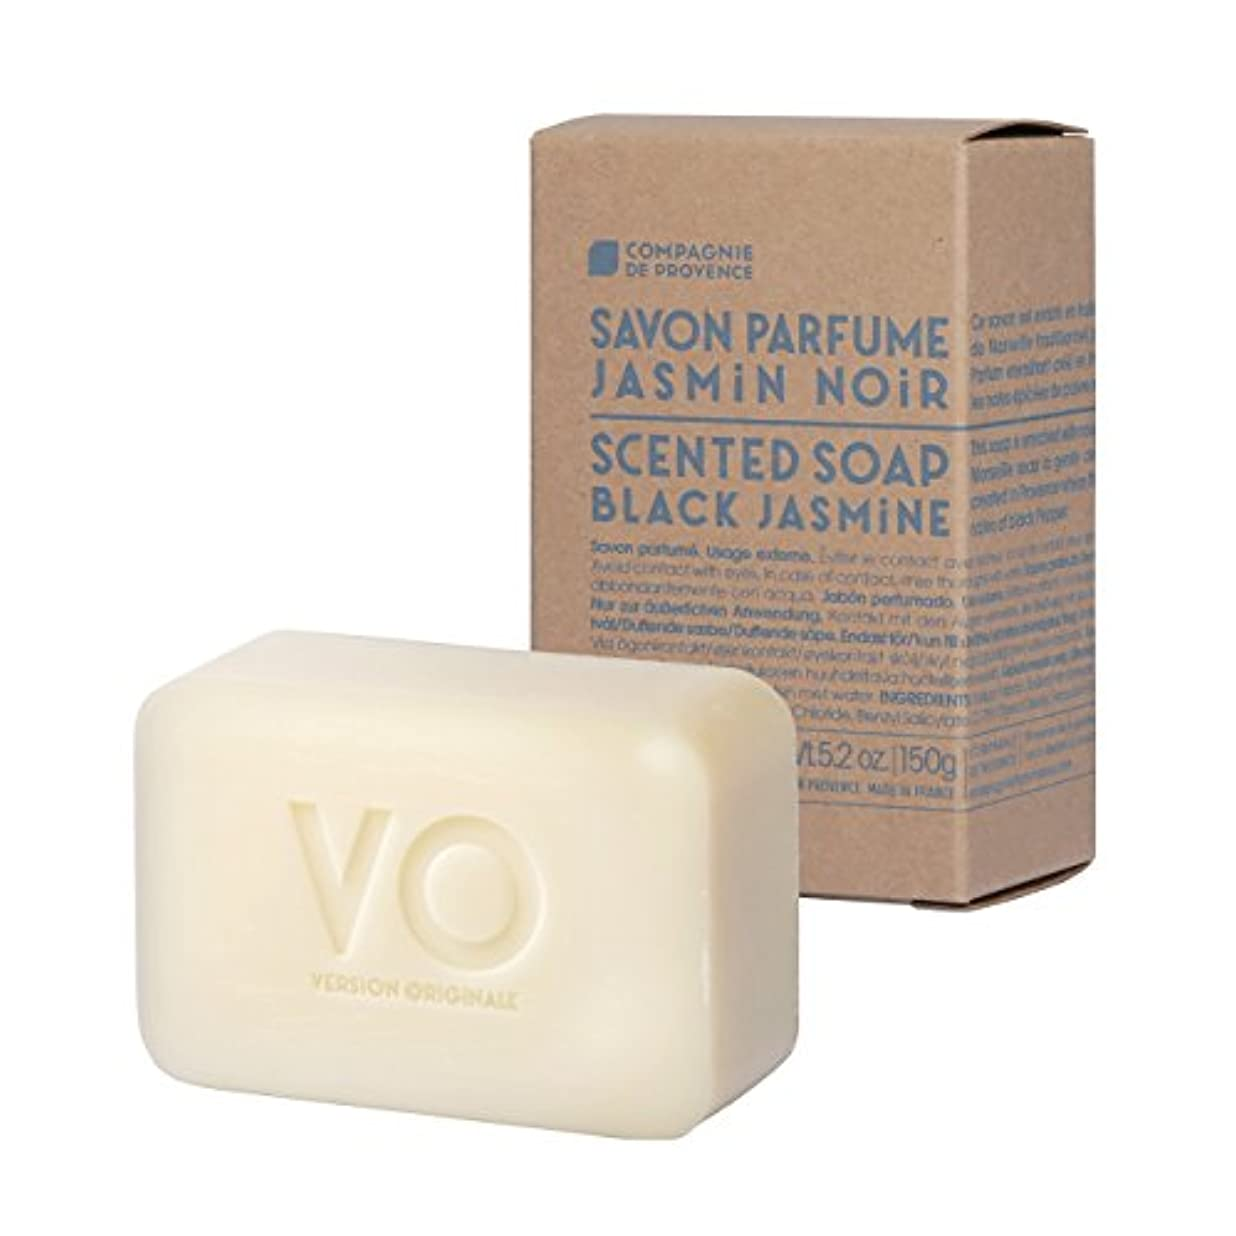 浸漬有効な侵入するカンパニードプロバンス バージョンオリジナル センティッドソープ ブラックジャスミン(すっきりとした中にも甘さがある香り) 150g